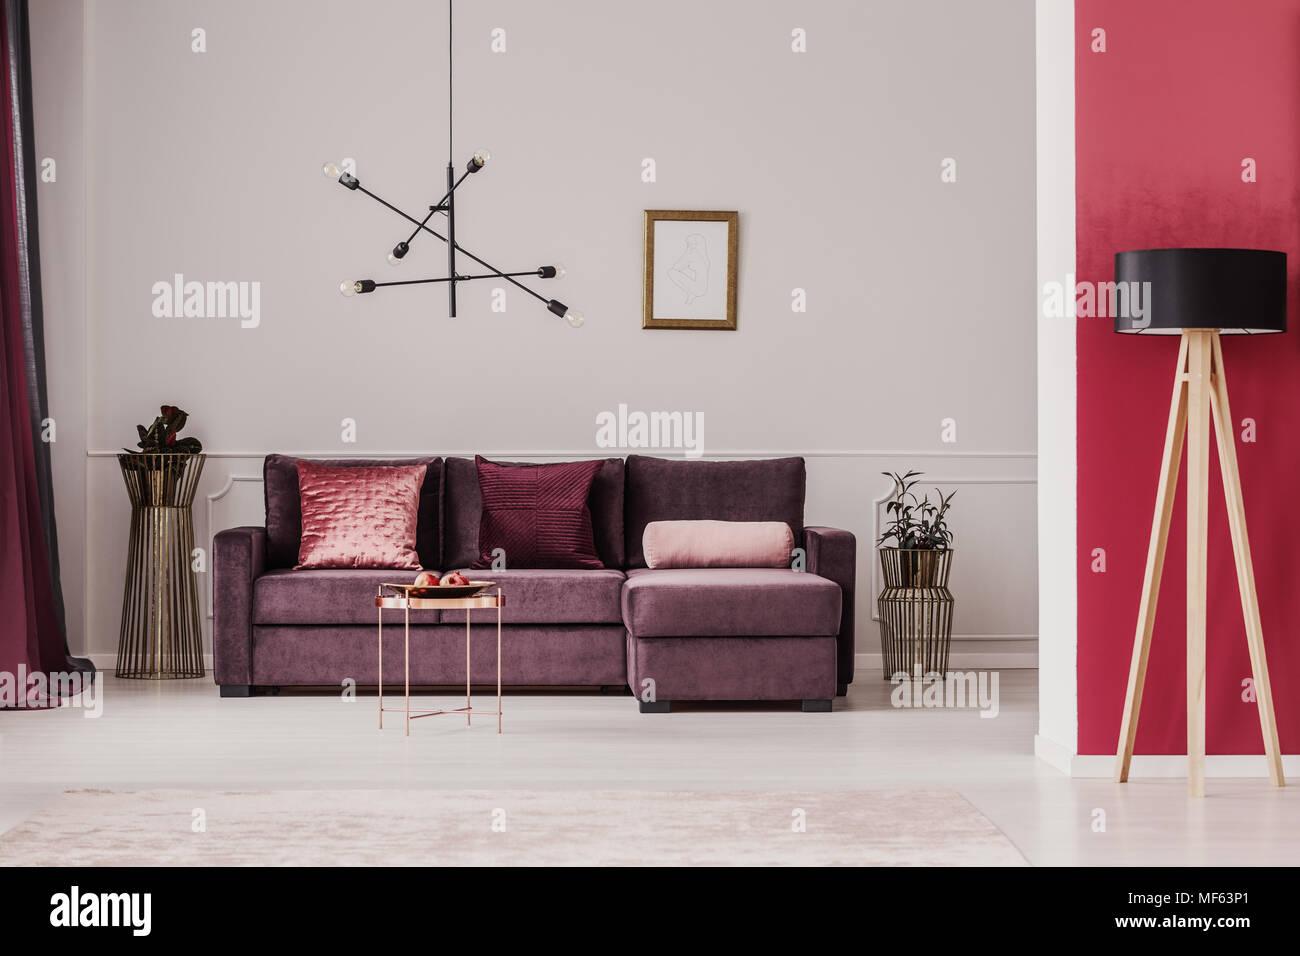 Holz- Leuchte gegen rote Wand in anspruchsvollen Wohnzimmer ...